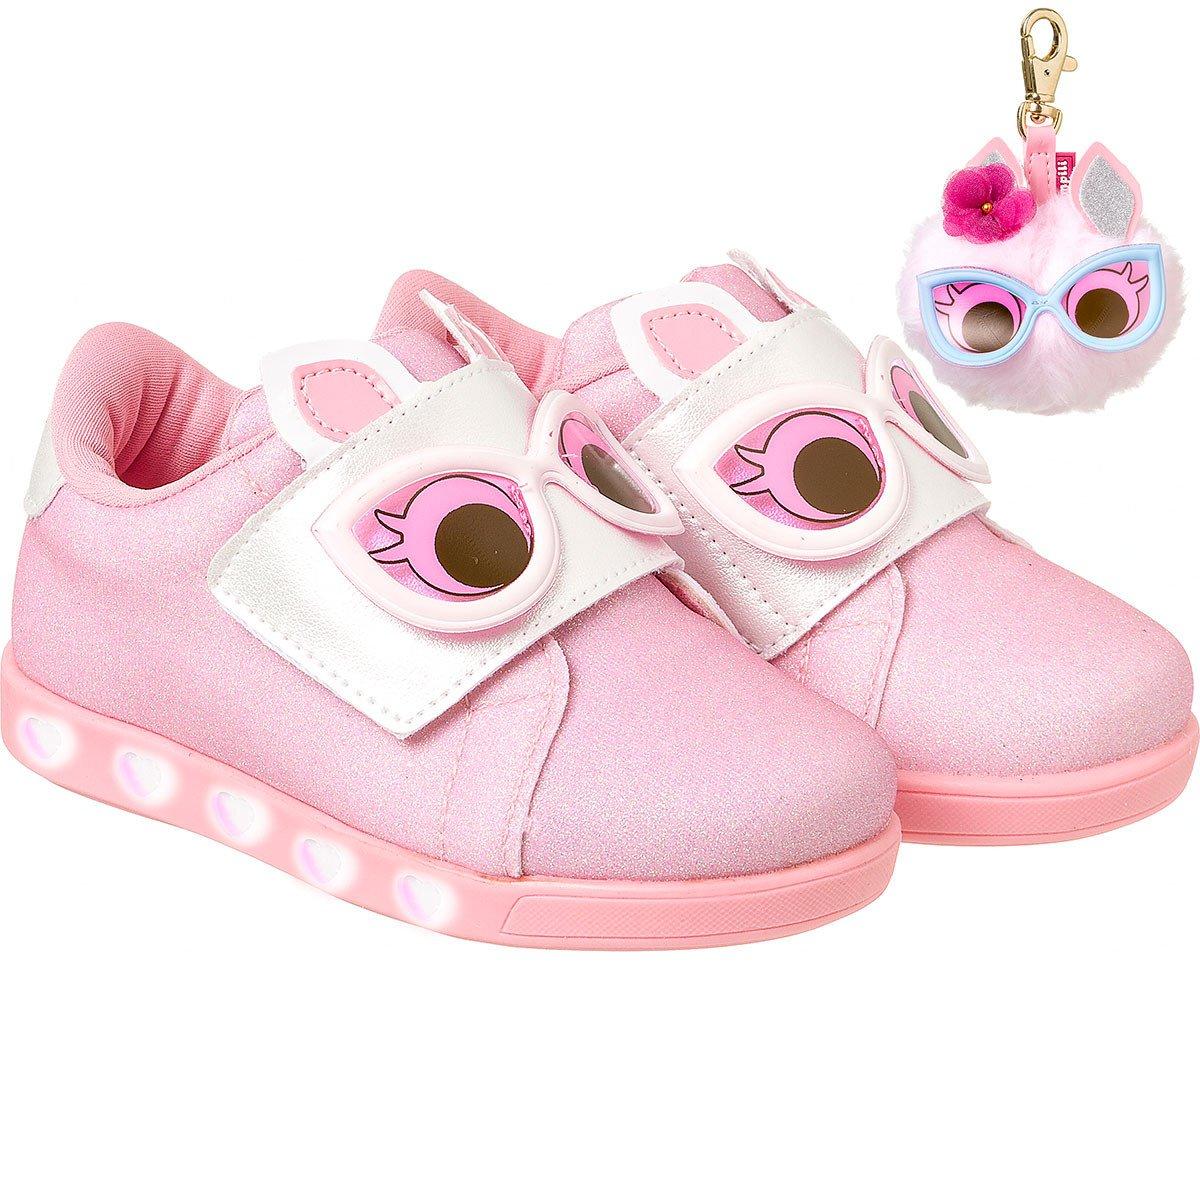 cdb3a9e20 Bizz Store - Tênis Infantil Menina Pampili Sneaker Dot s Luz